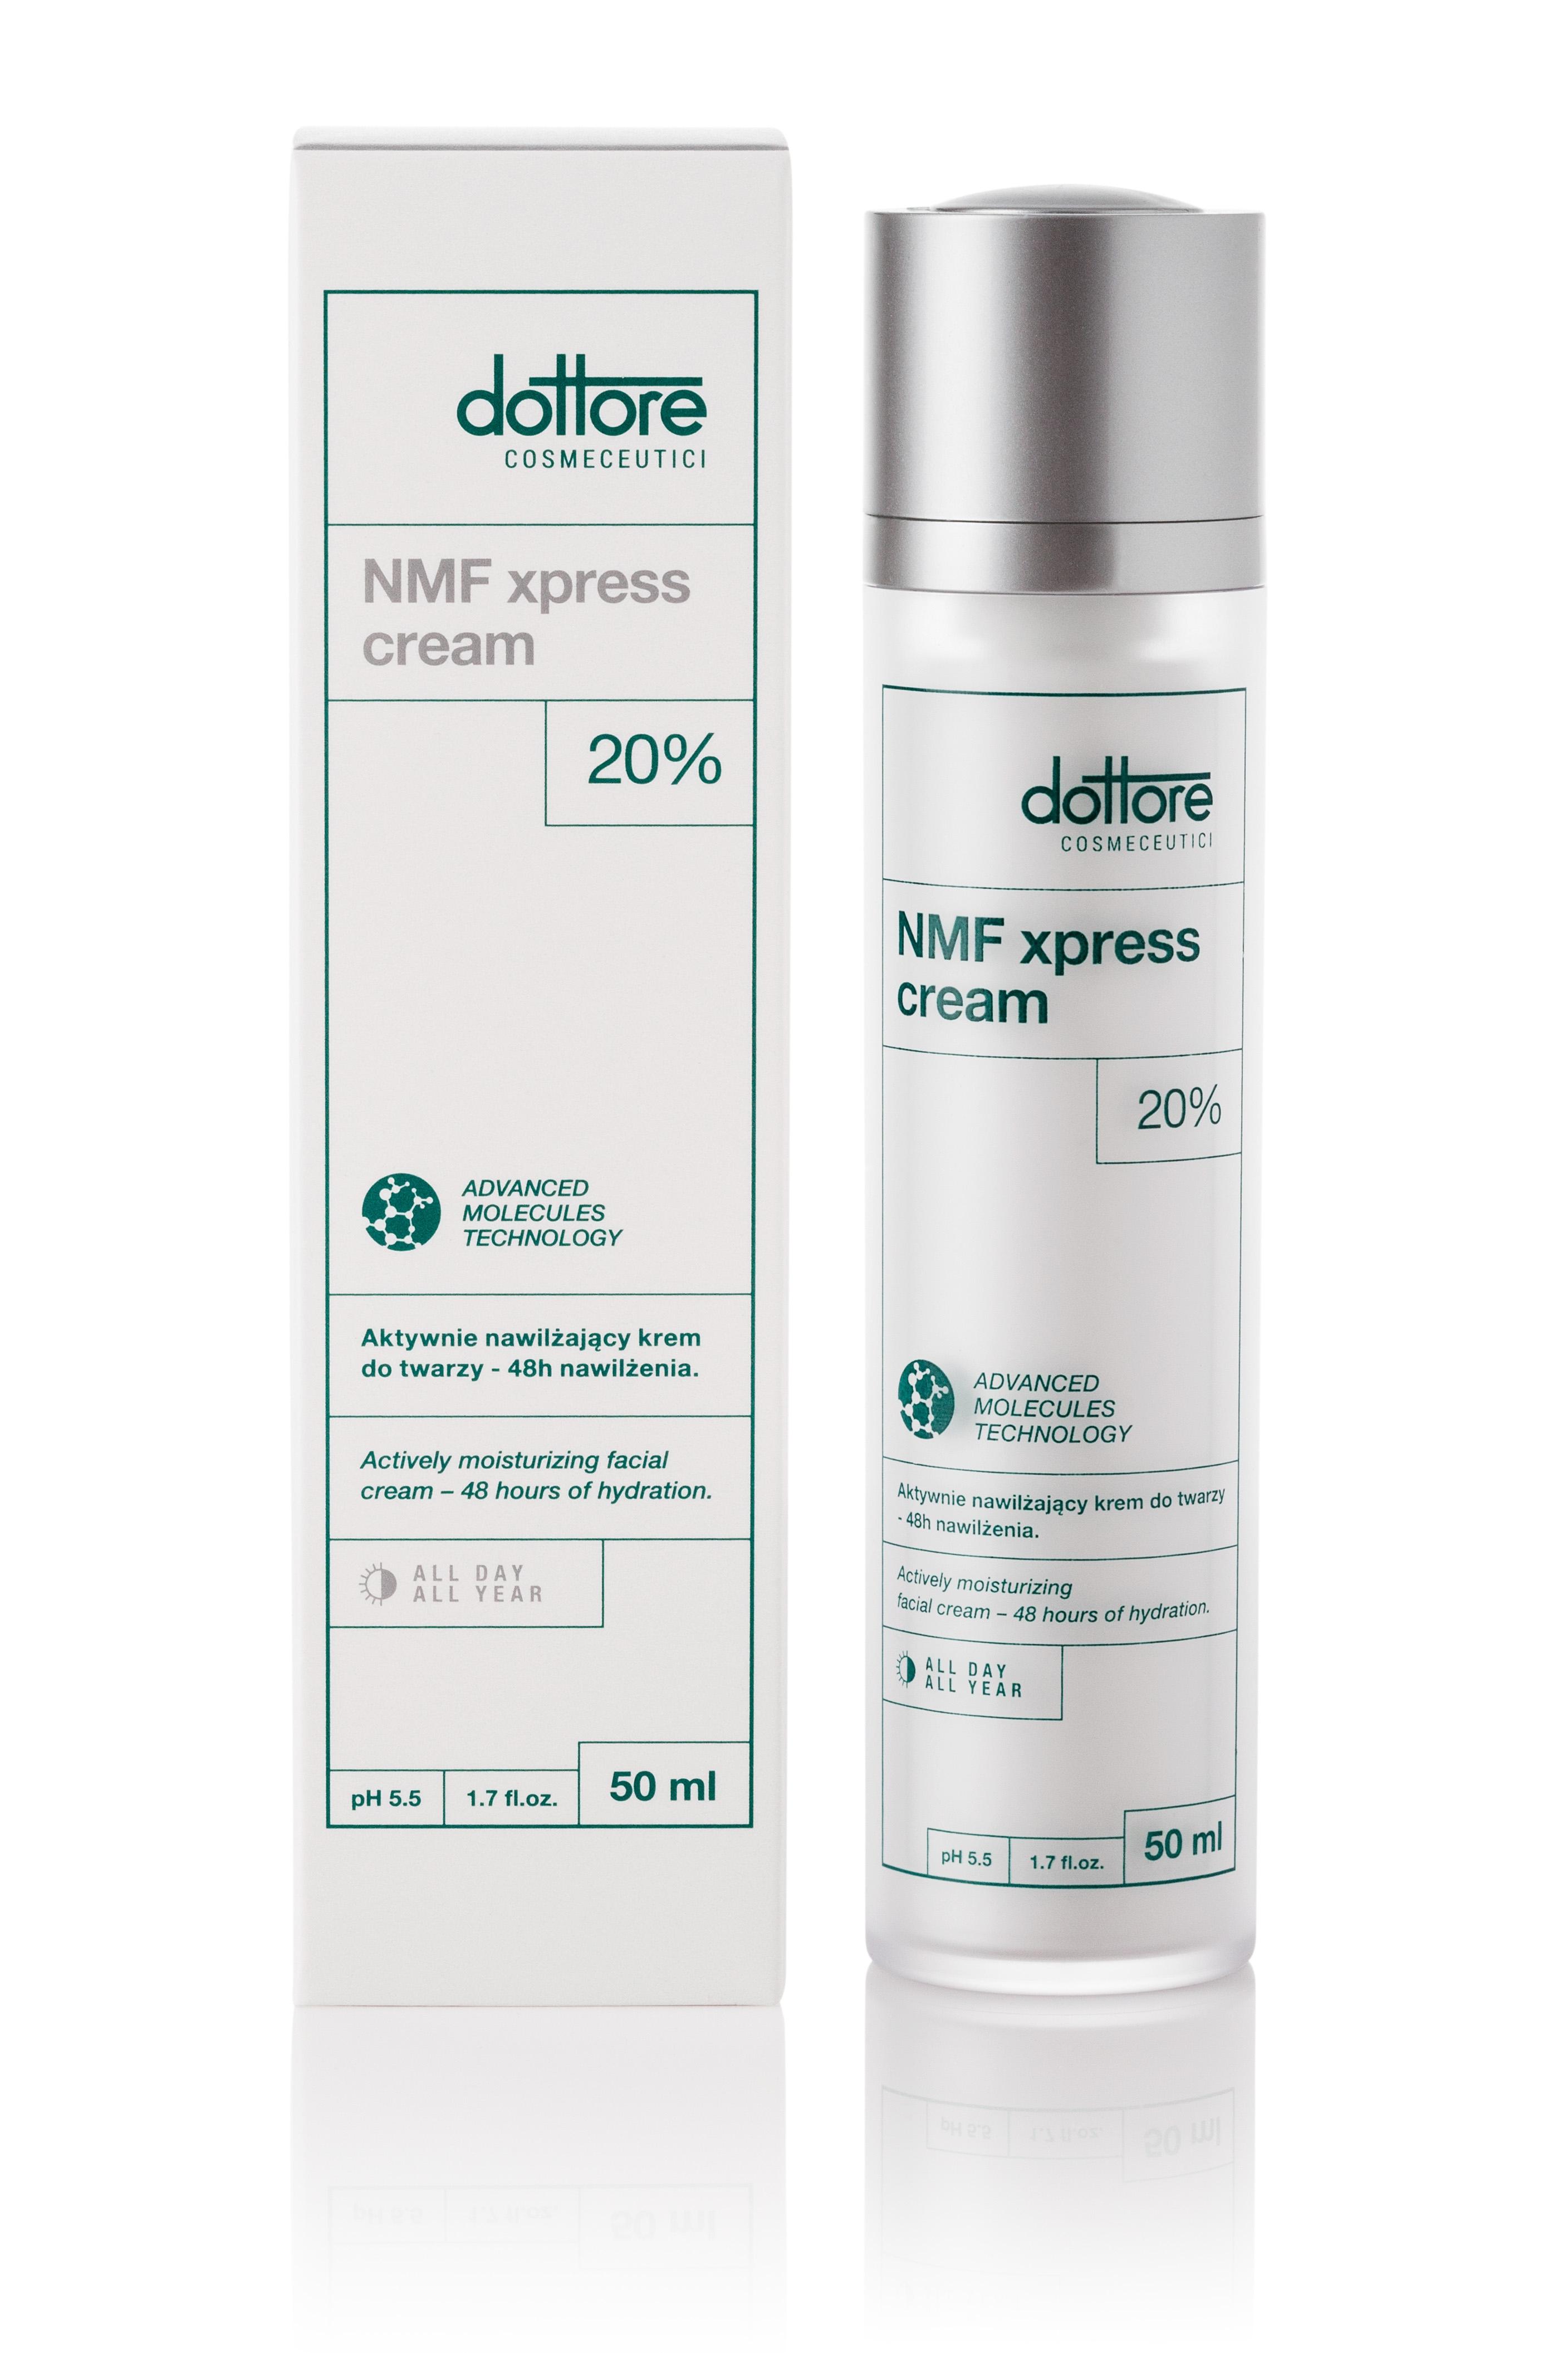 DOTTORE - NMF xpress cream 50ml